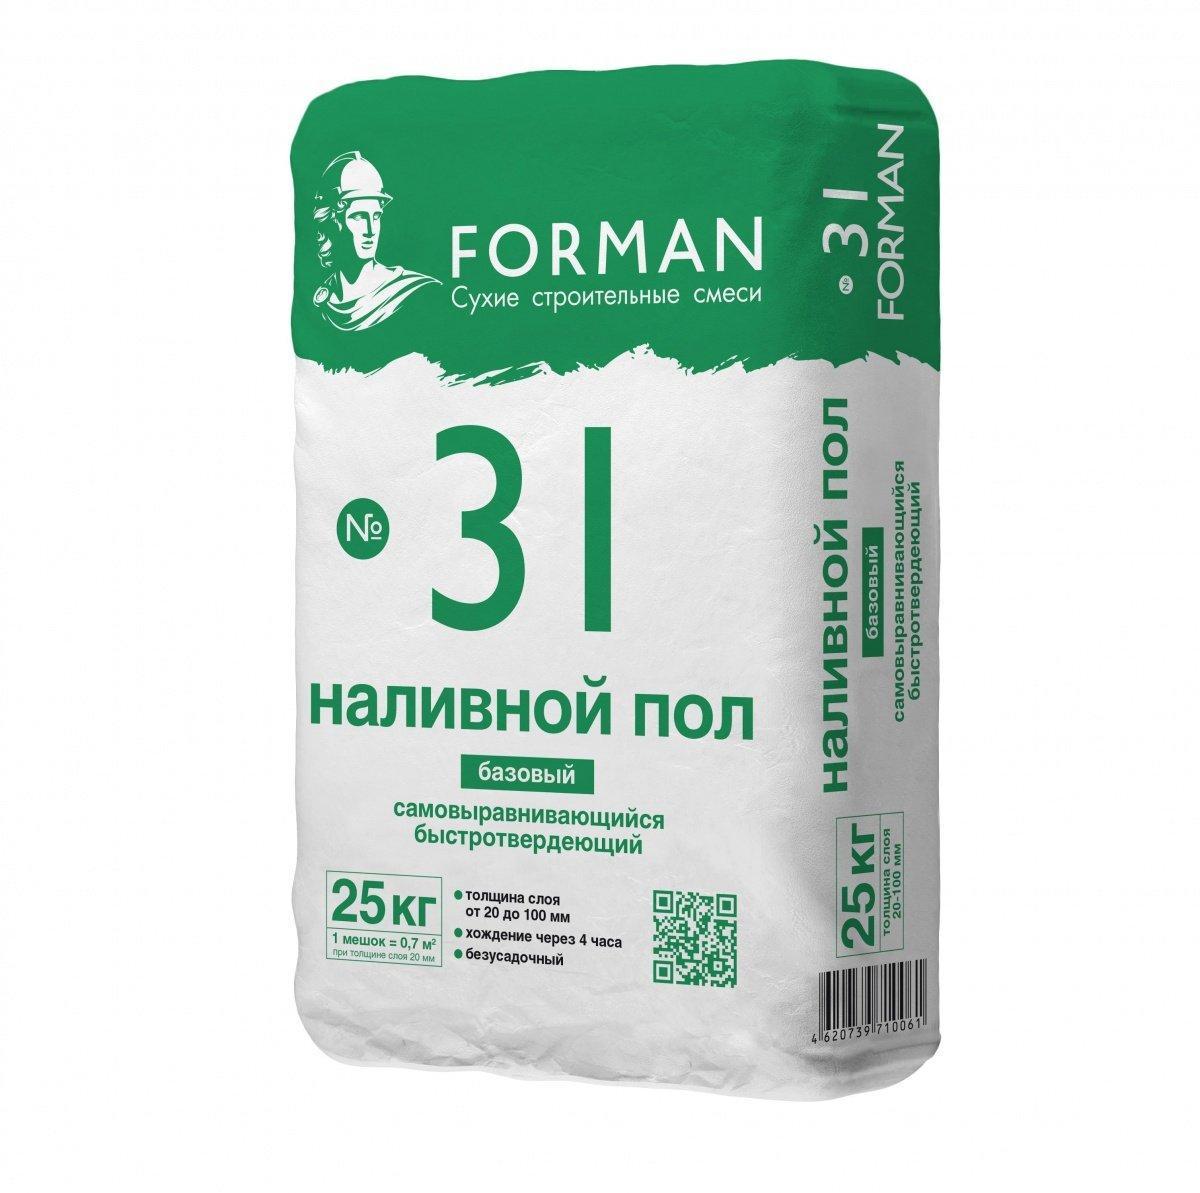 Forman №31